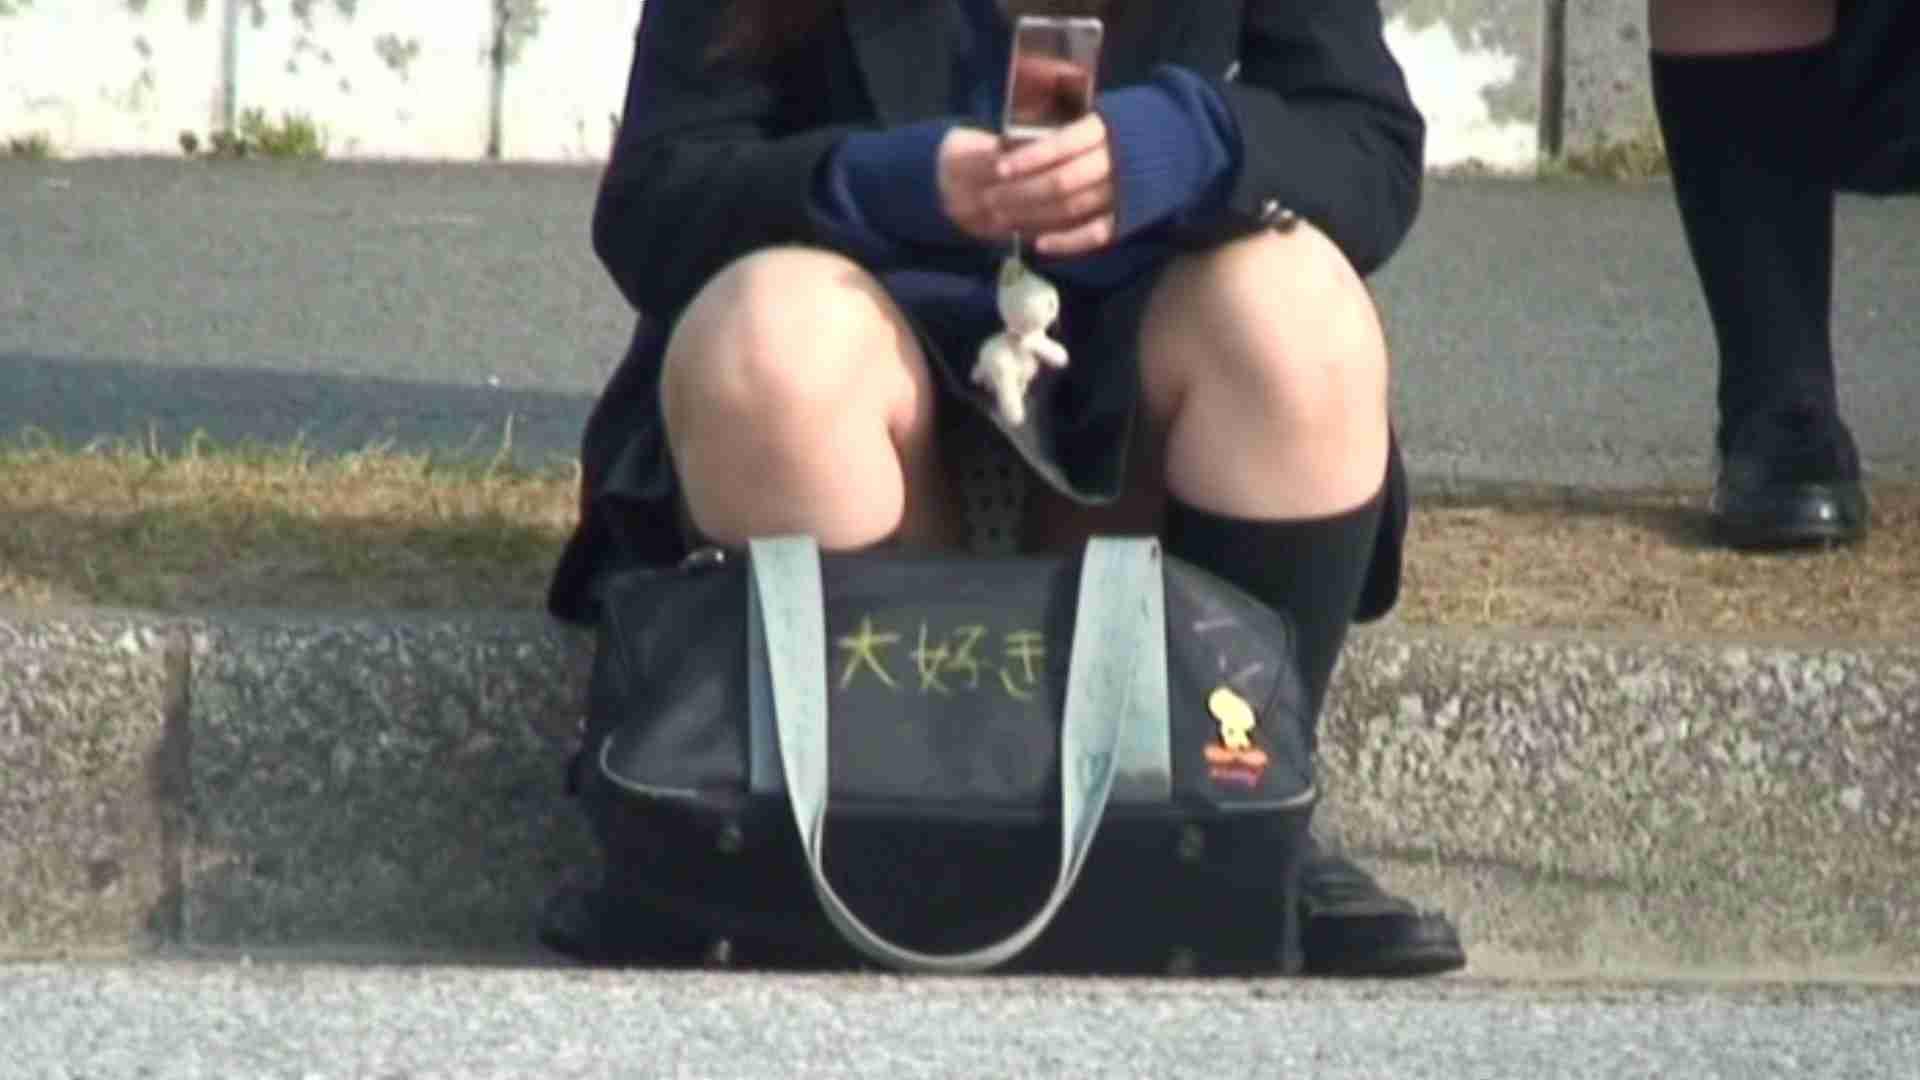 望遠パンチラNo14 車 スケベ動画紹介 50PIX 33